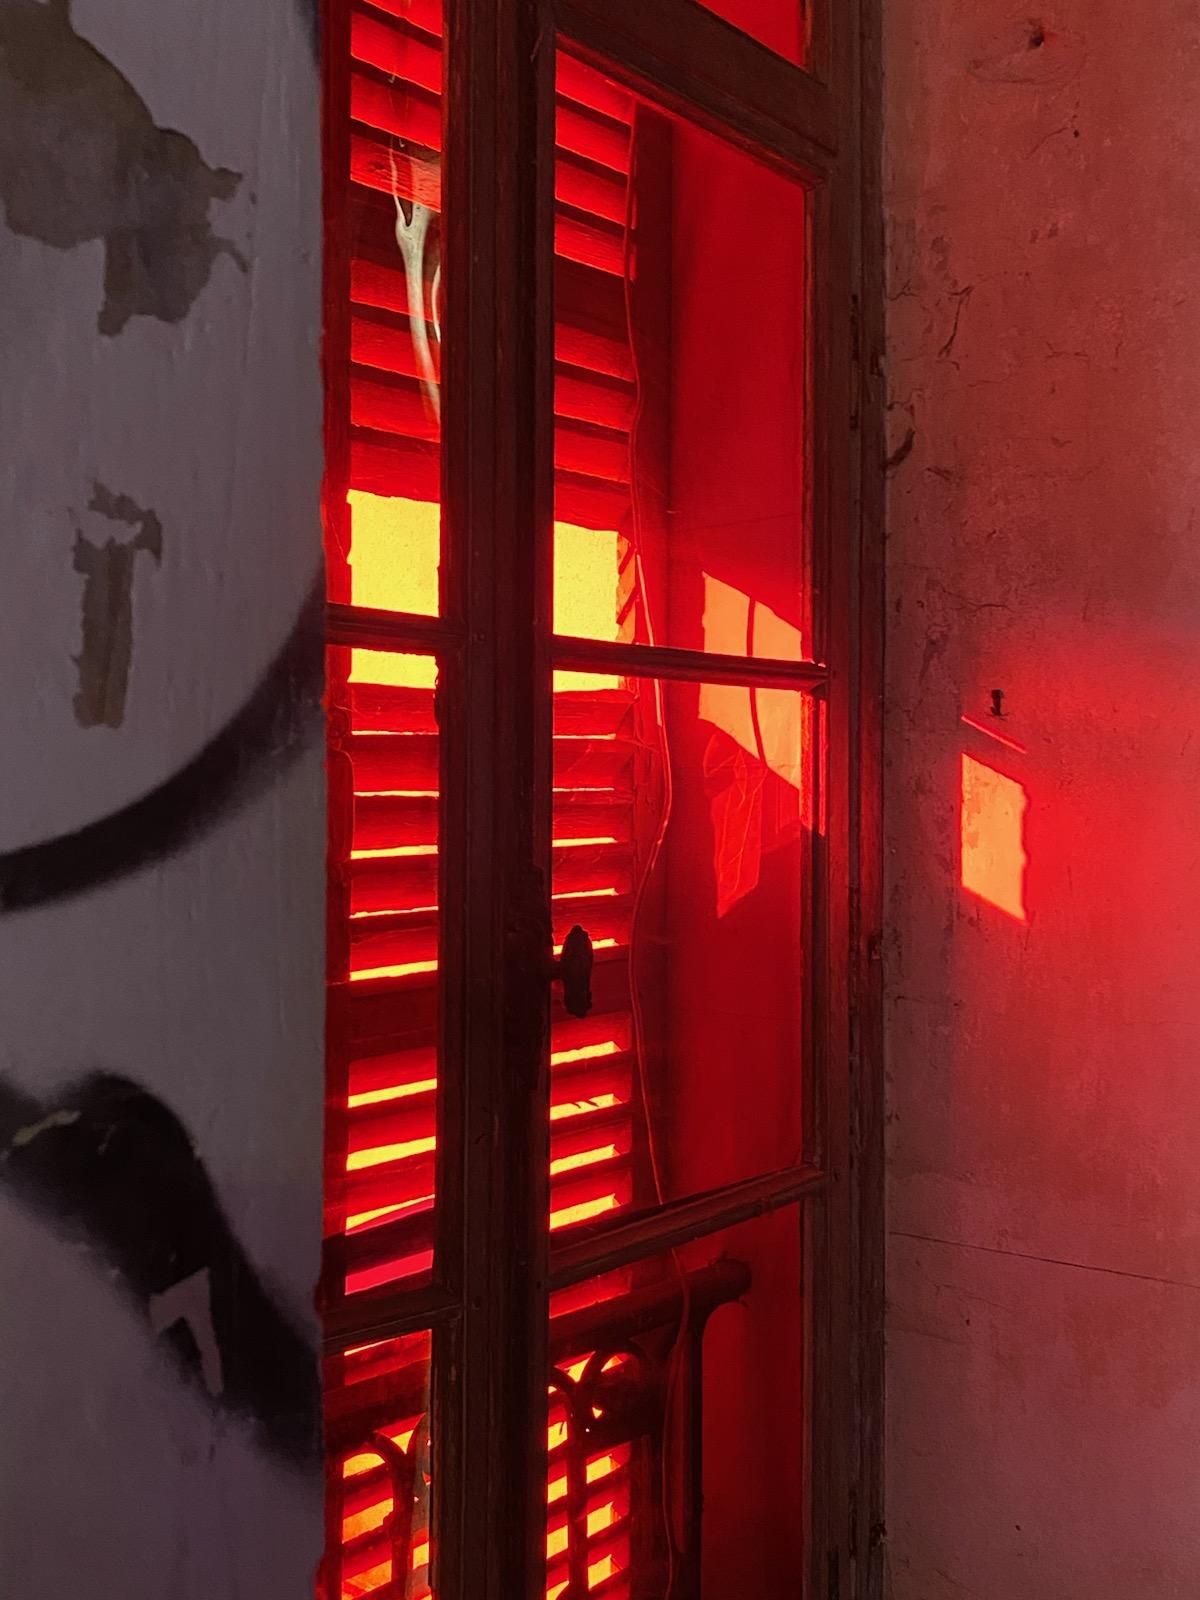 GARDEN PARTY URBEX installation Nathalie Junod Ponsard 5 credit Nathalie Junod Ponsard 2020